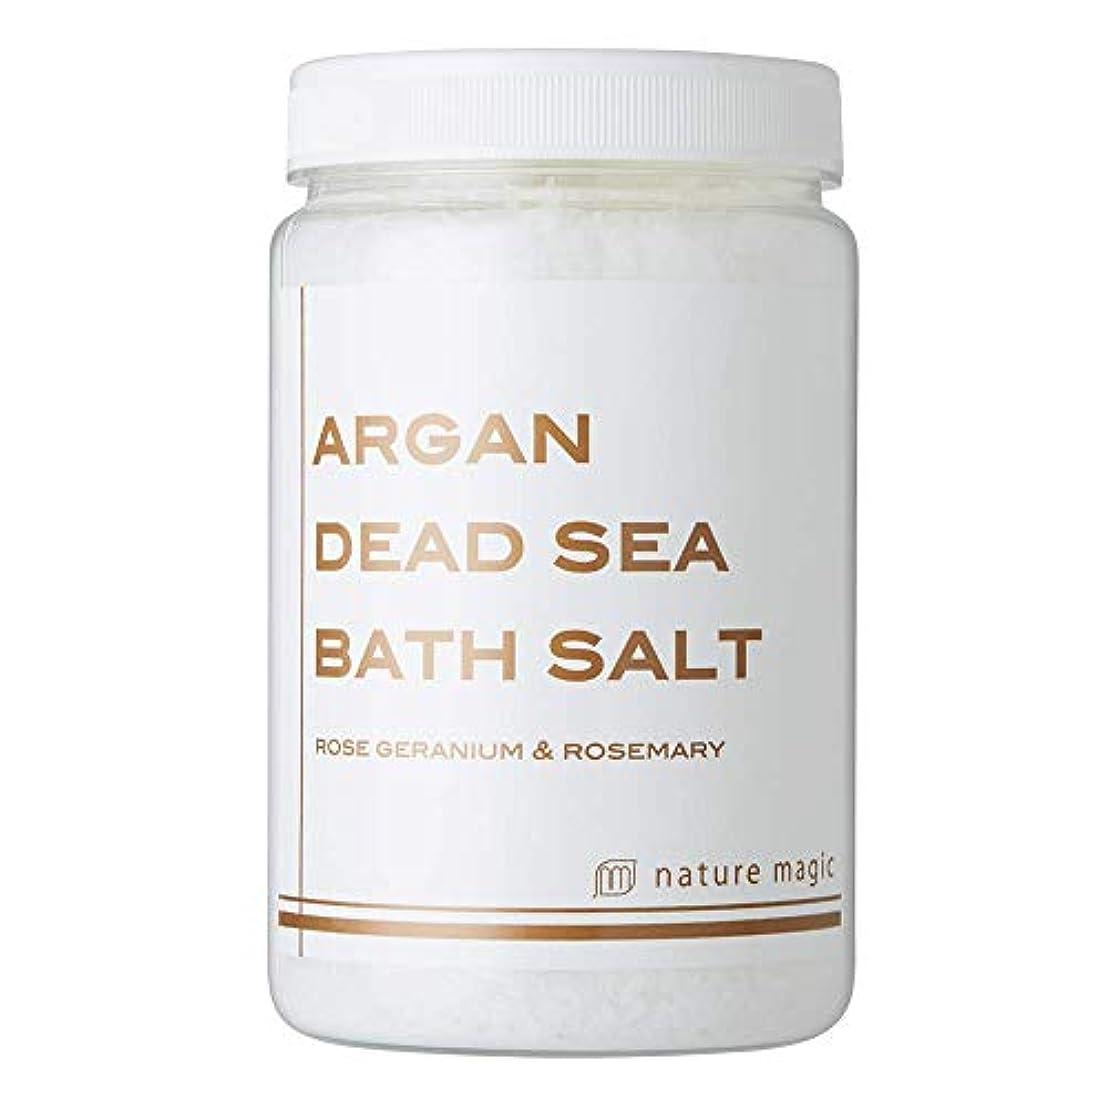 懺悔ベリ苦しむ【死海の天然塩にアルガンオイルを配合した全身ポカポカ、お肌つるつる入浴剤】アルガンデッドシーバスソルト